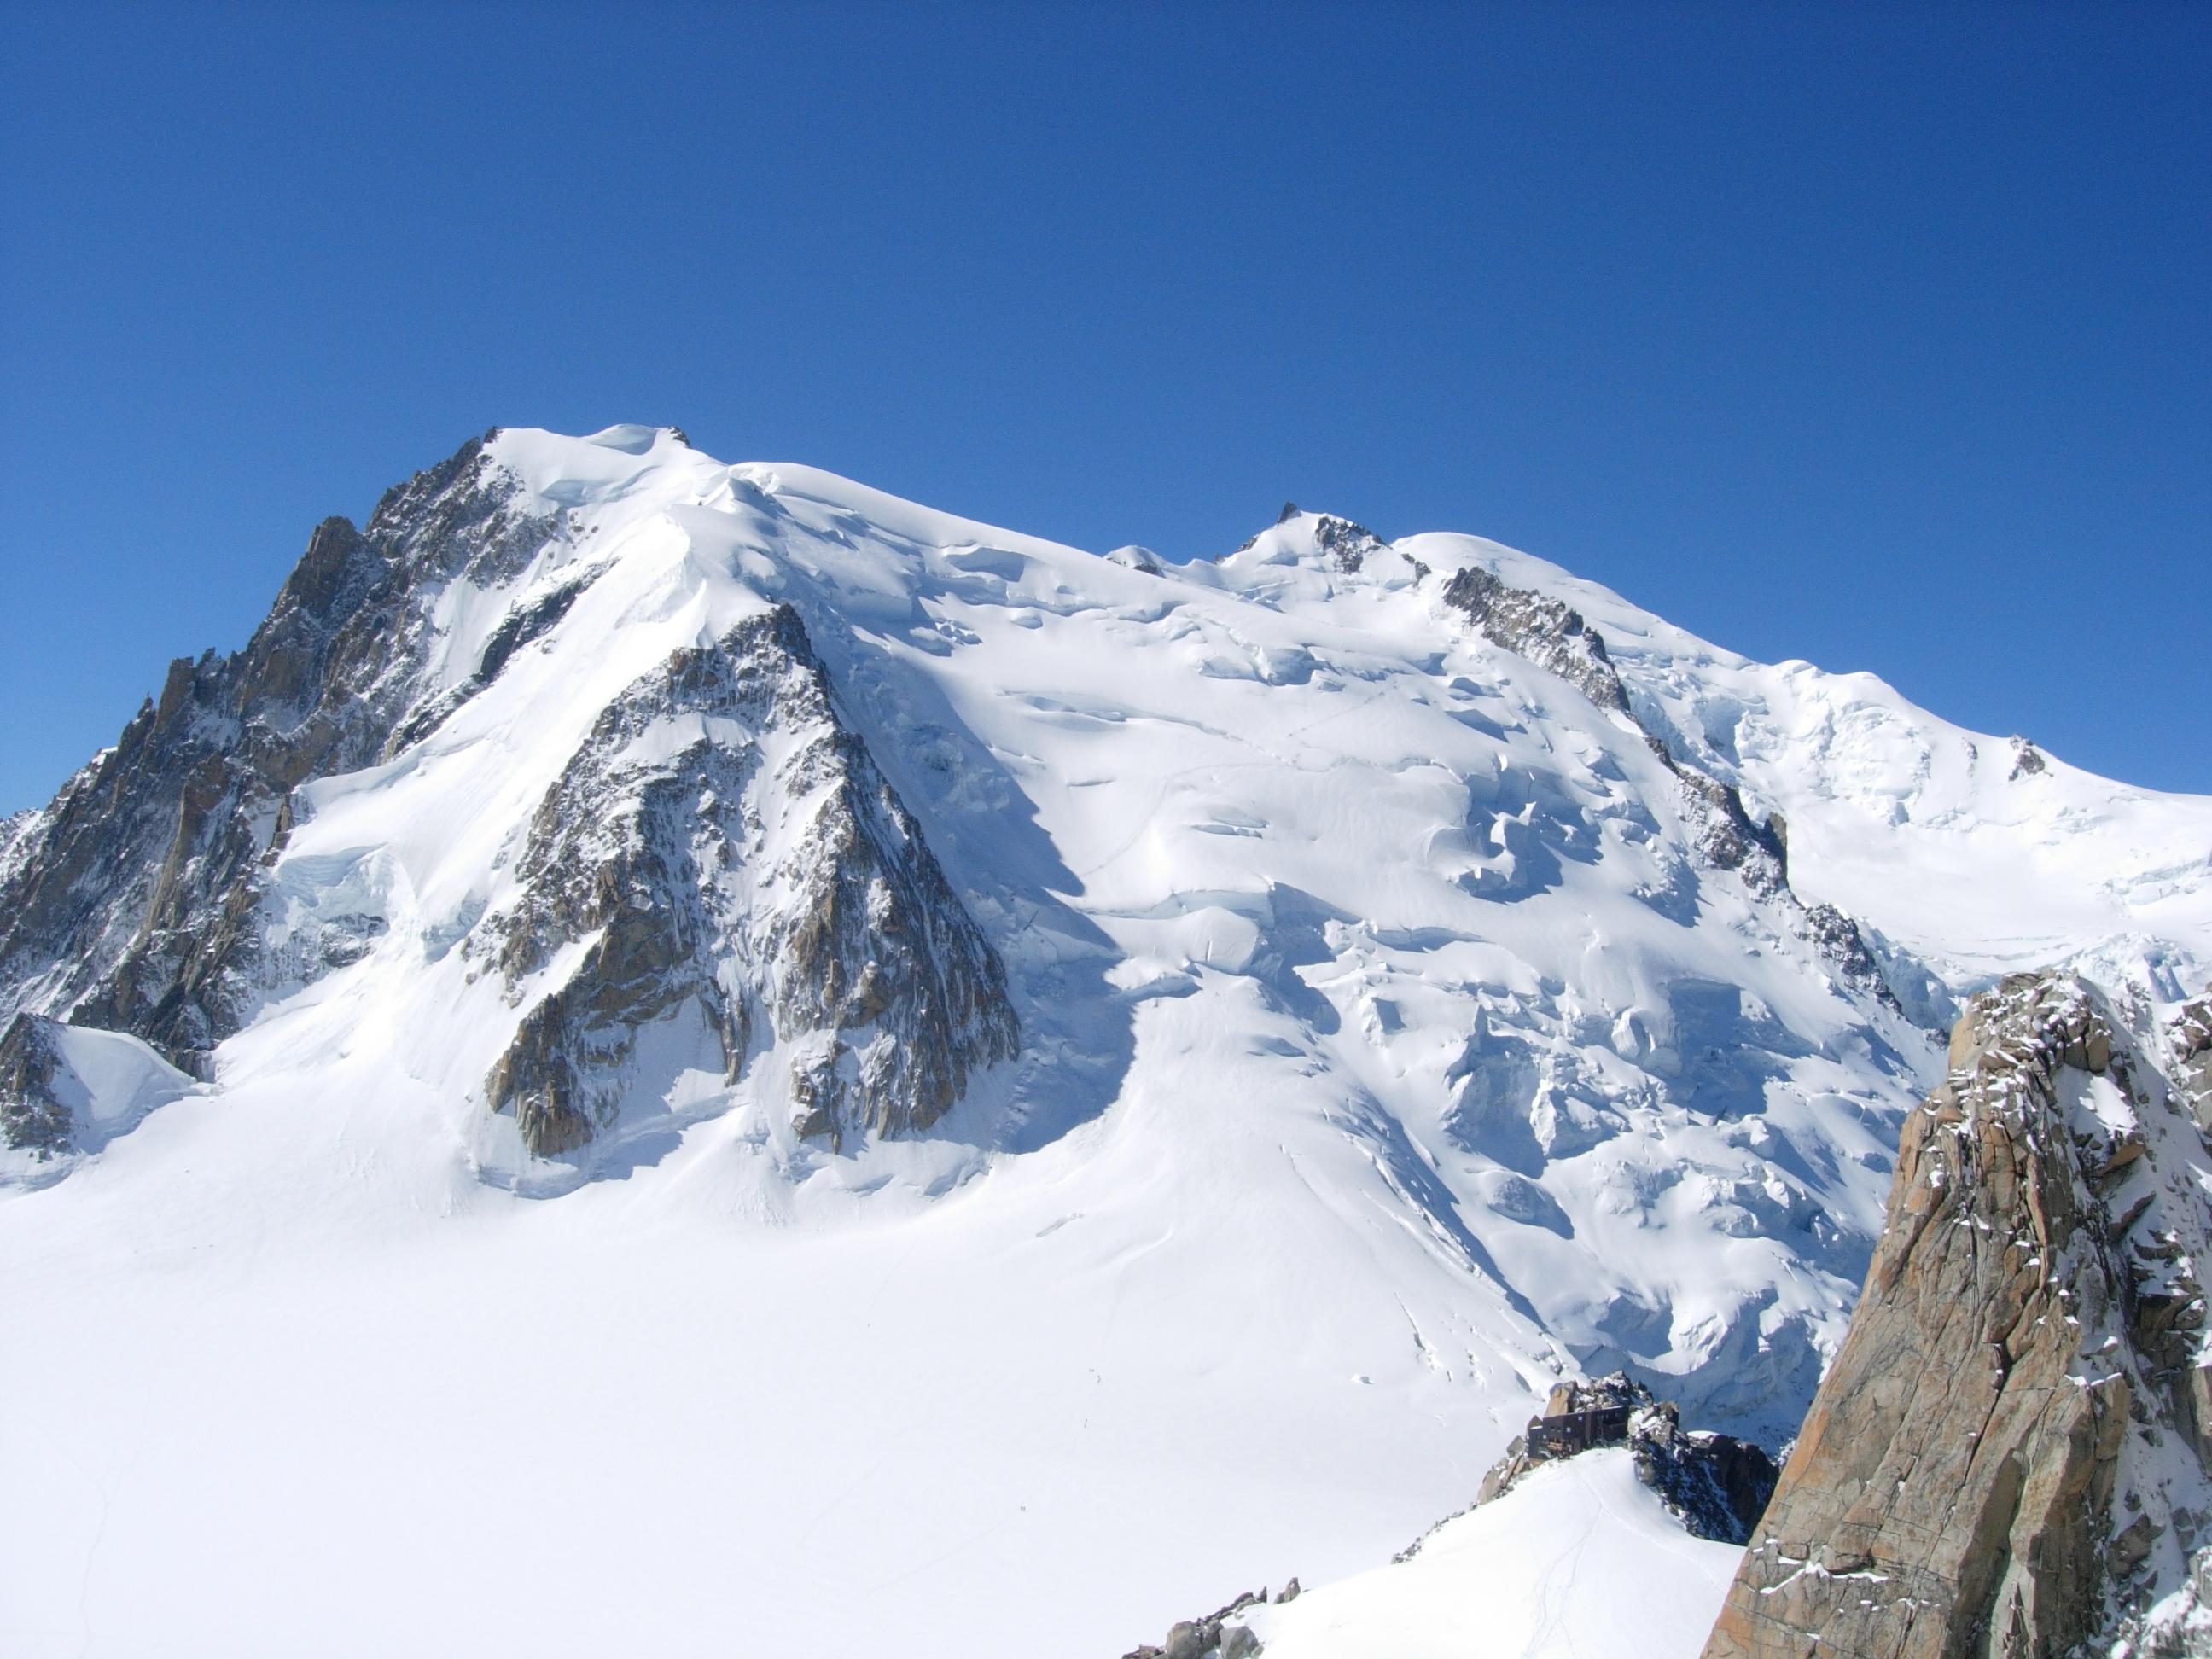 Mont Blanc and Aiguille du Tacul